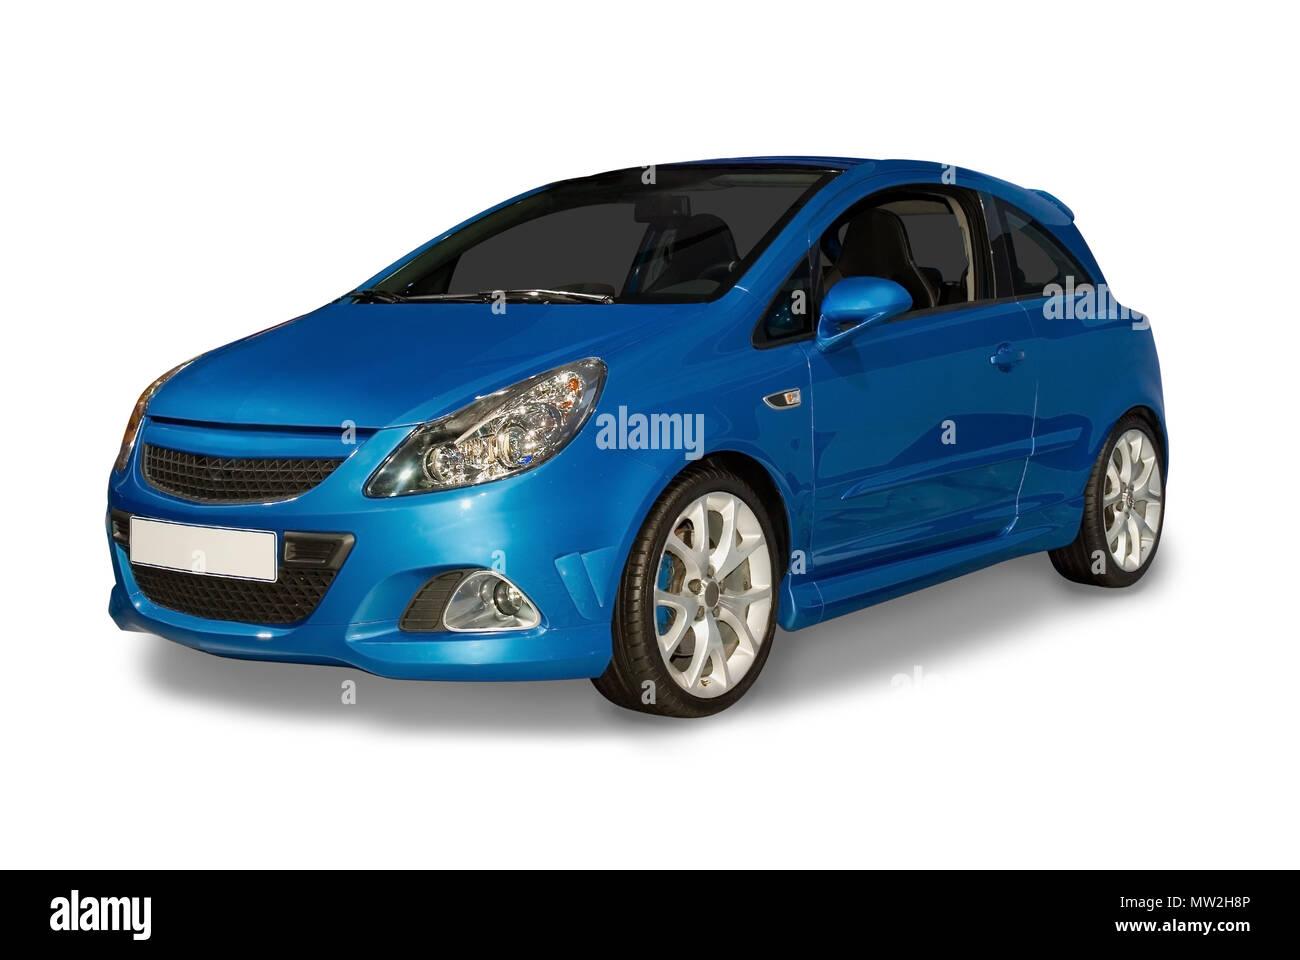 Azul efficeint combustible nuevo coche híbrido. Los pequeños automóviles híbridos son el futuro de la industria. Aislado en un fondo blanco con un detalle de sombras dibujado Imagen De Stock